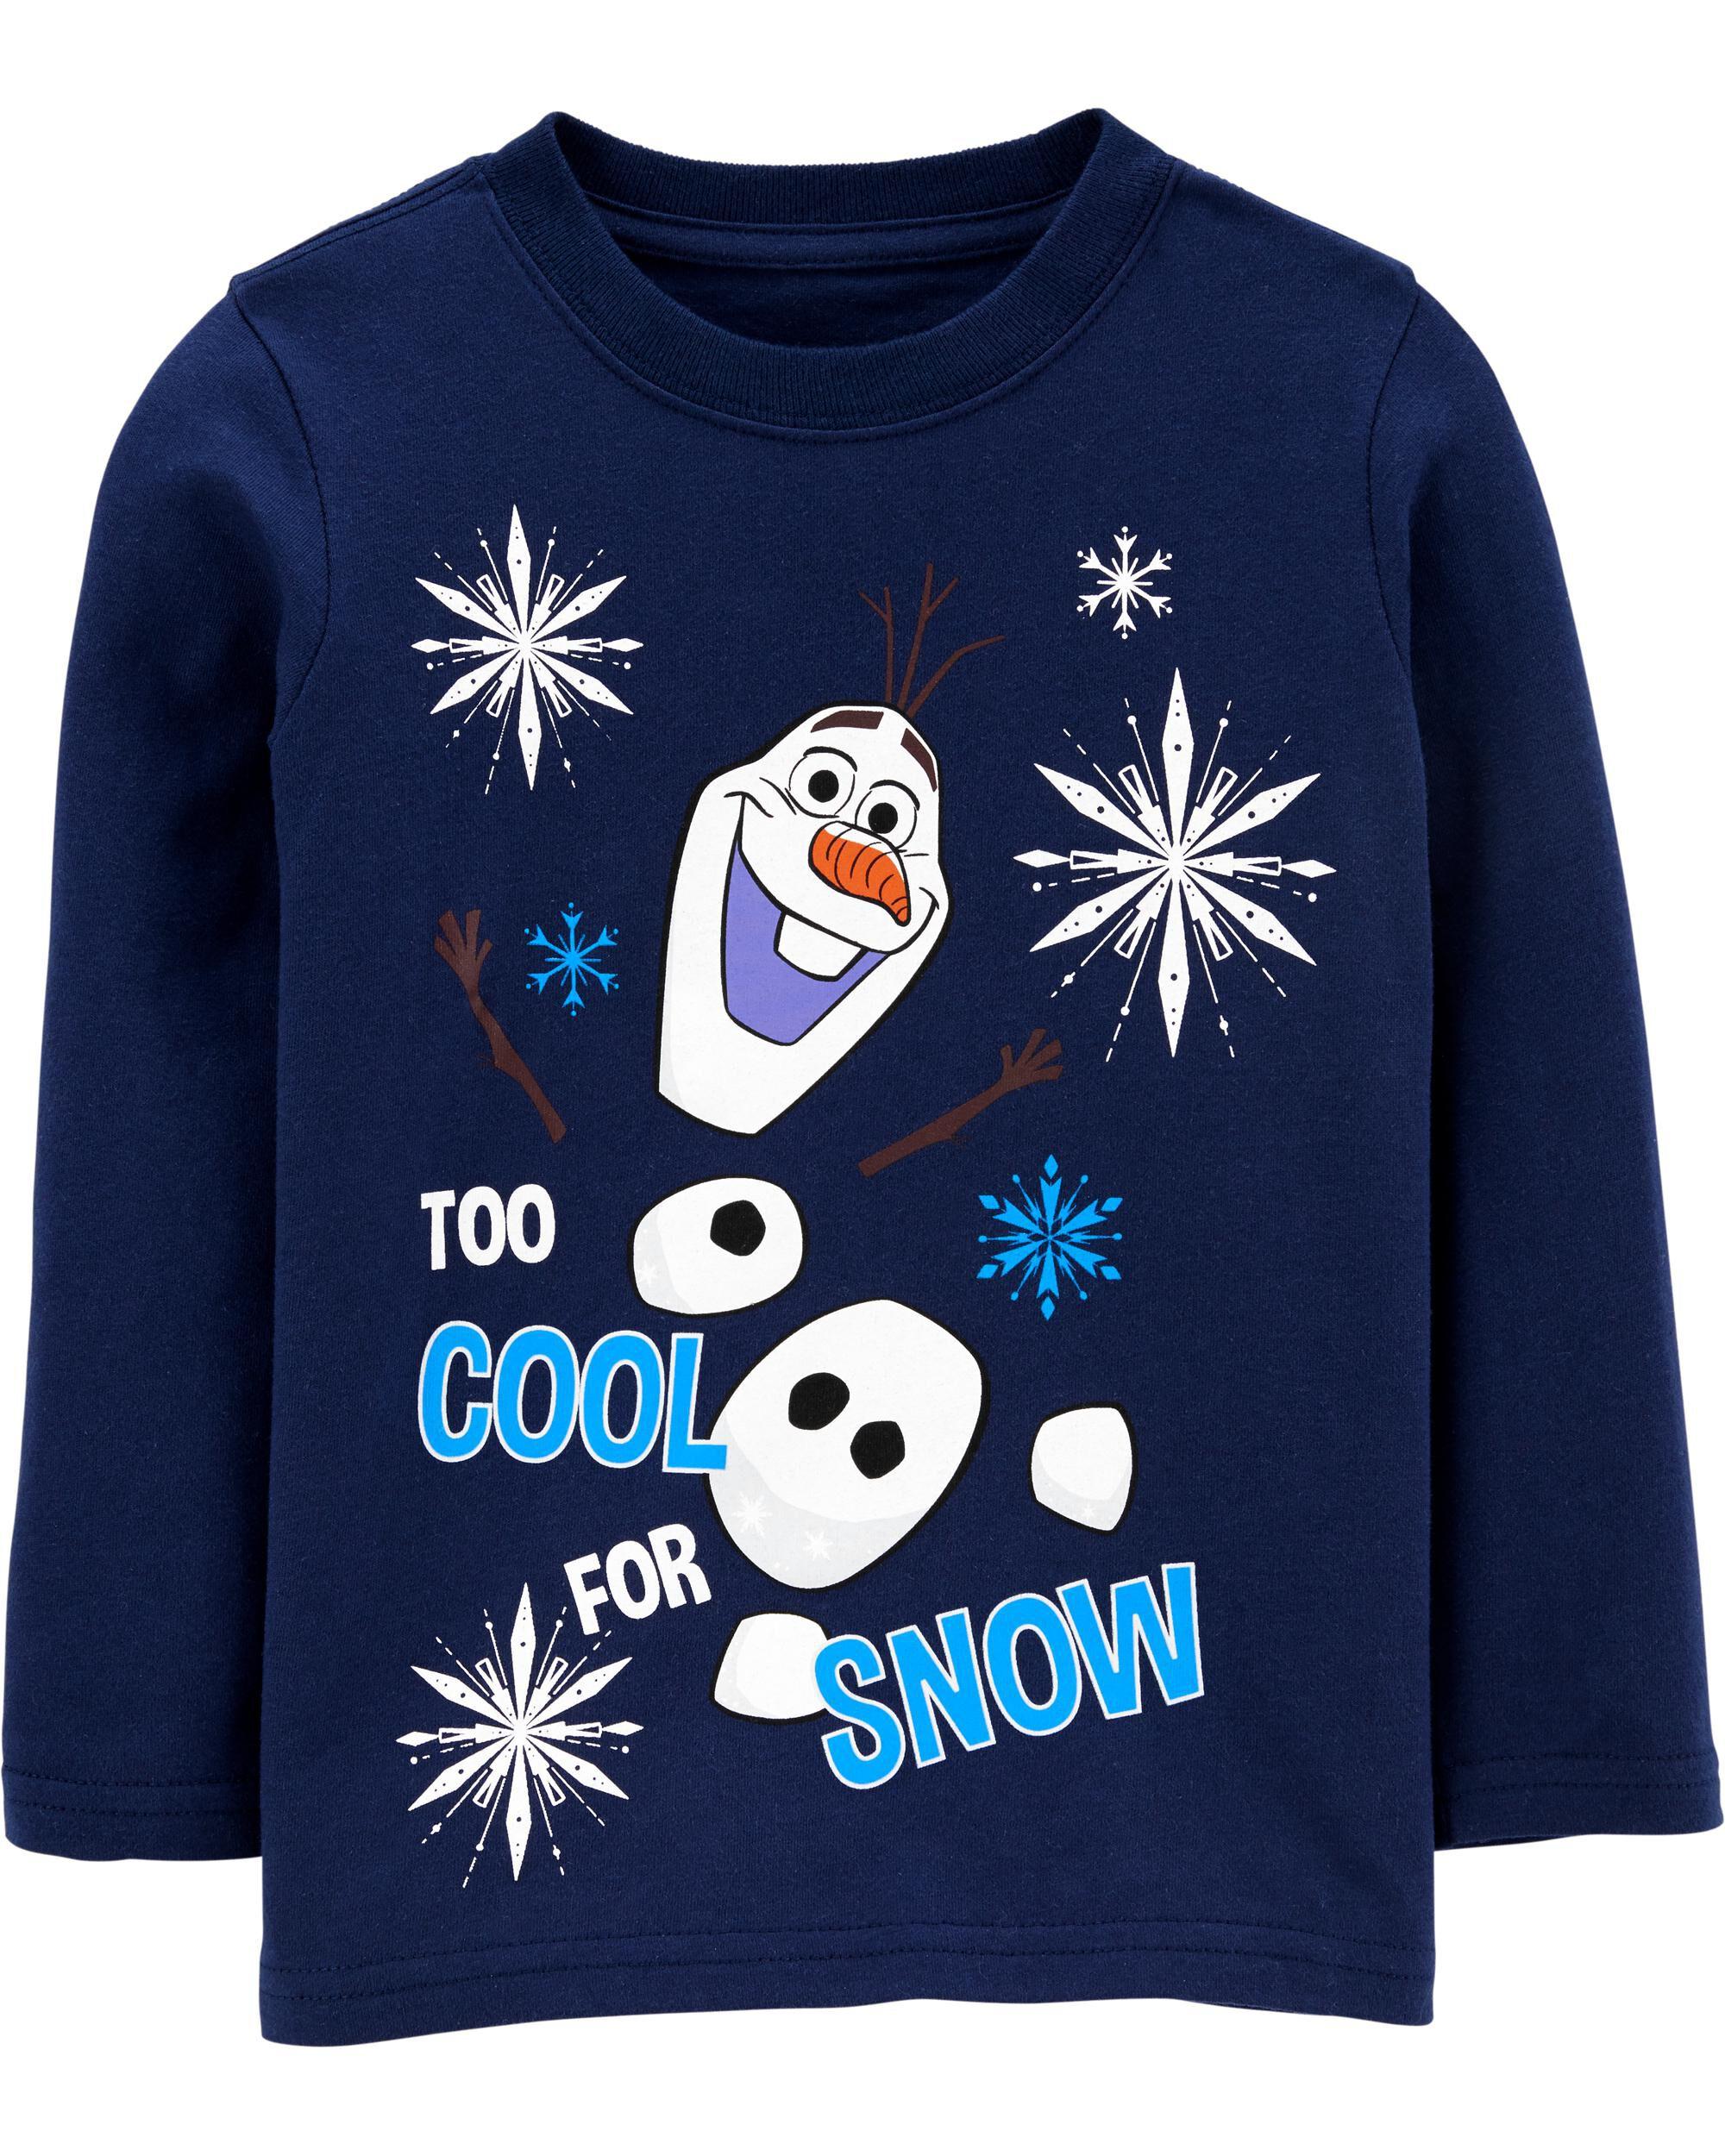 Girls 4T Disney FROZEN OLAF T-SHIRT Red World Long Sleeve Snowman Snow Much Fun